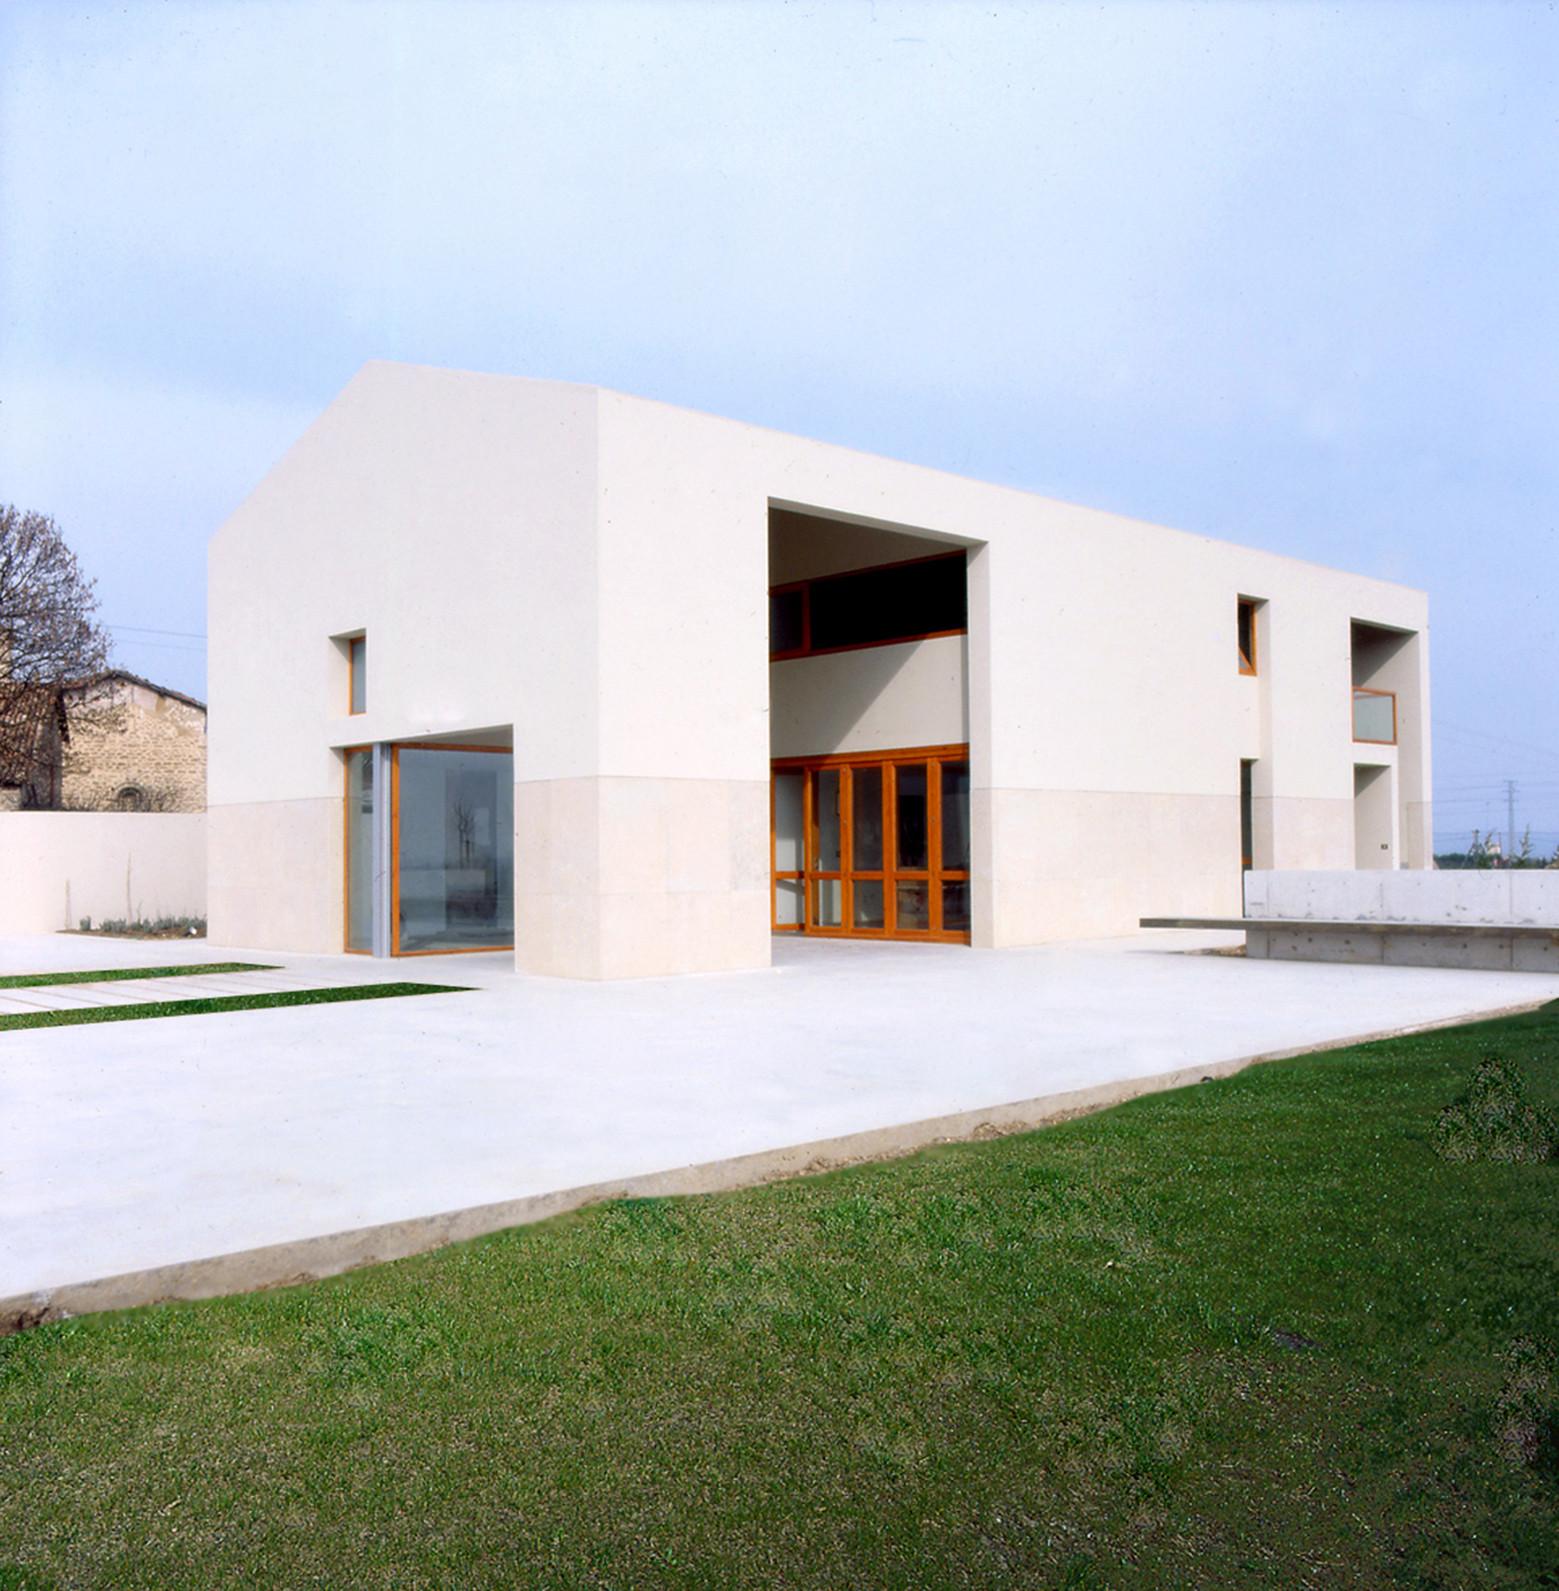 Casa en Gardelegui  / Roberto Ercilla Arquitectura, © César San Millán